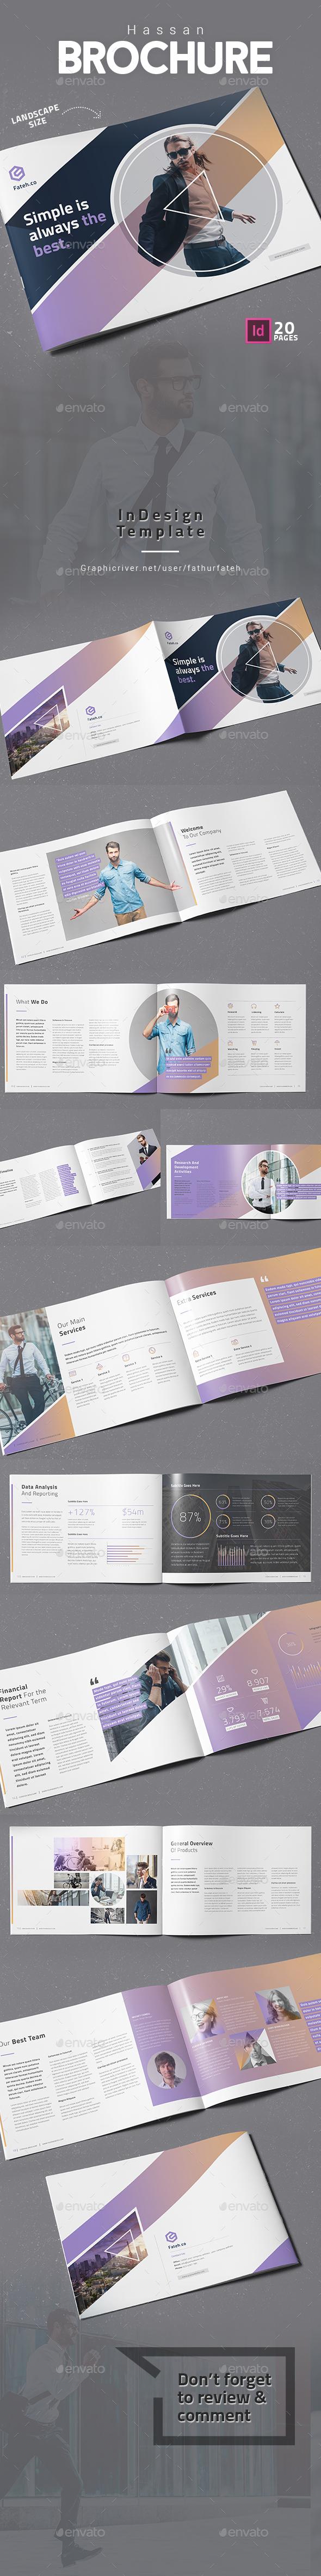 Hassan Brochure - Corporate Brochures